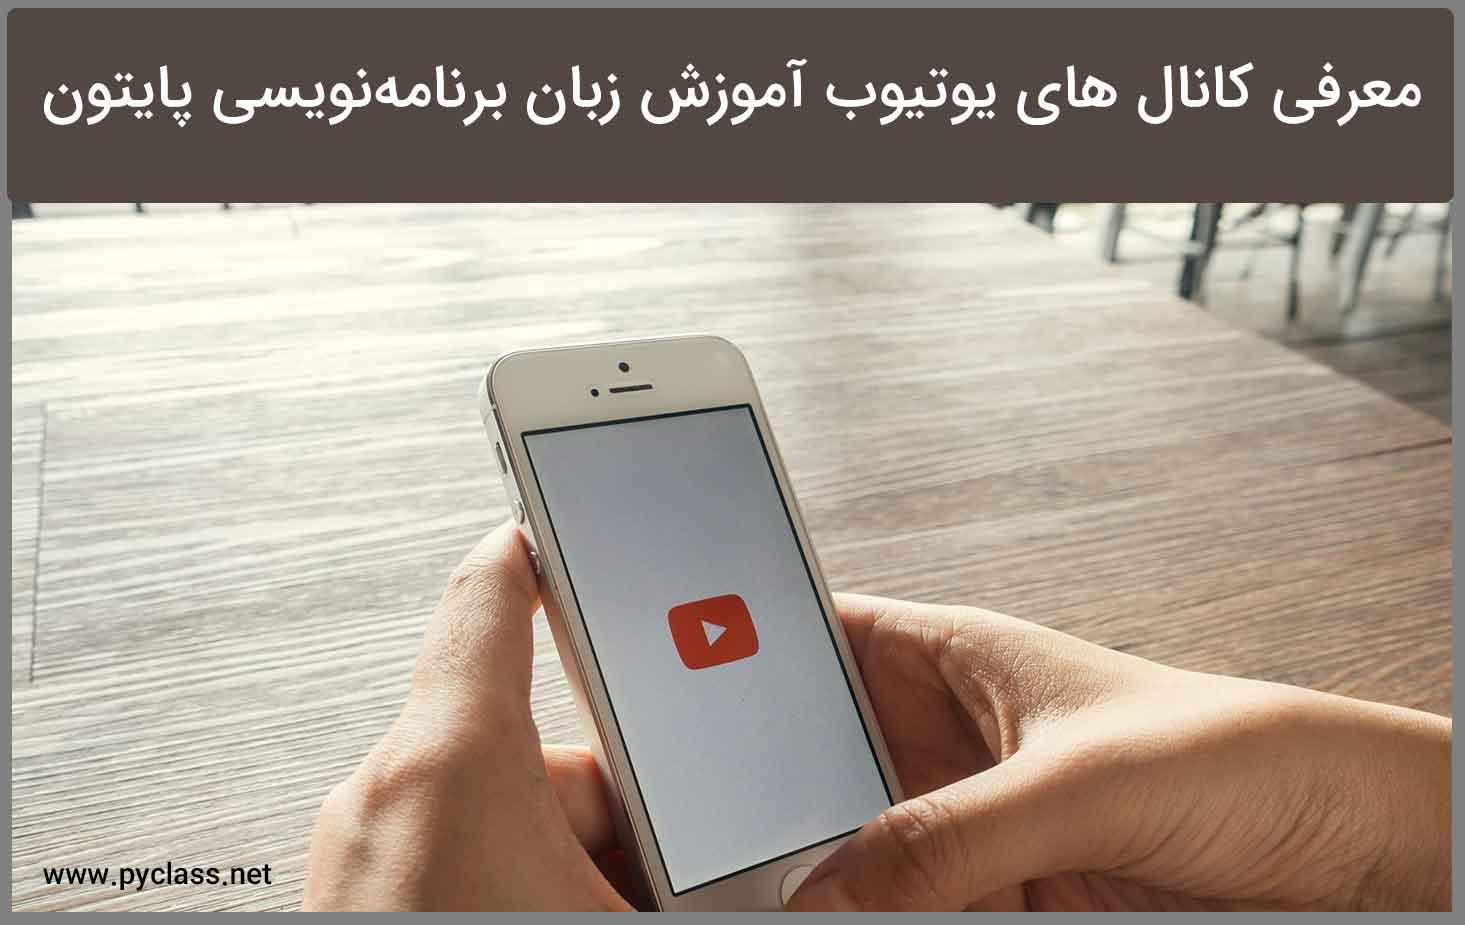 معرفی بهترین کانال های یوتیوب آموزش پایتون